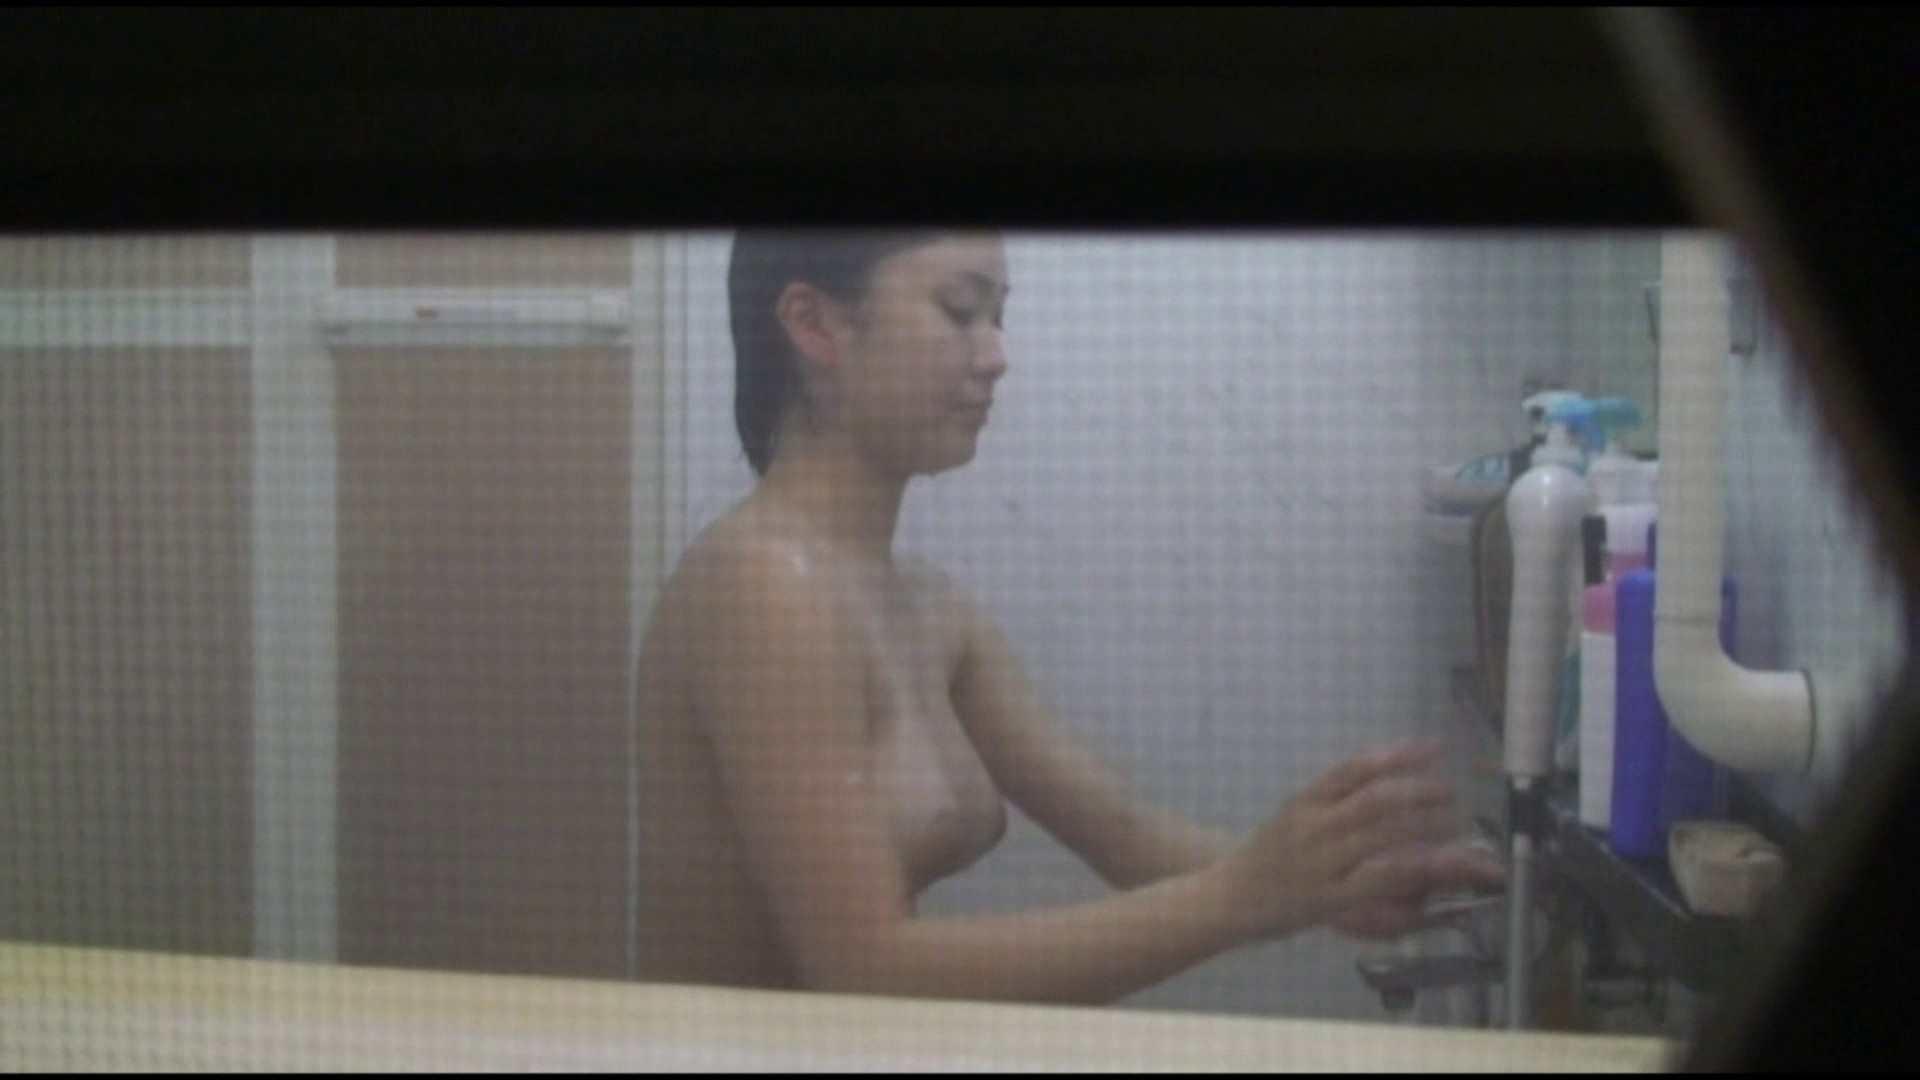 vol.04巨乳美人のおっぱいがプルルンッと弾けてます!風呂上りも必見 民家 ぱこり動画紹介 78画像 29